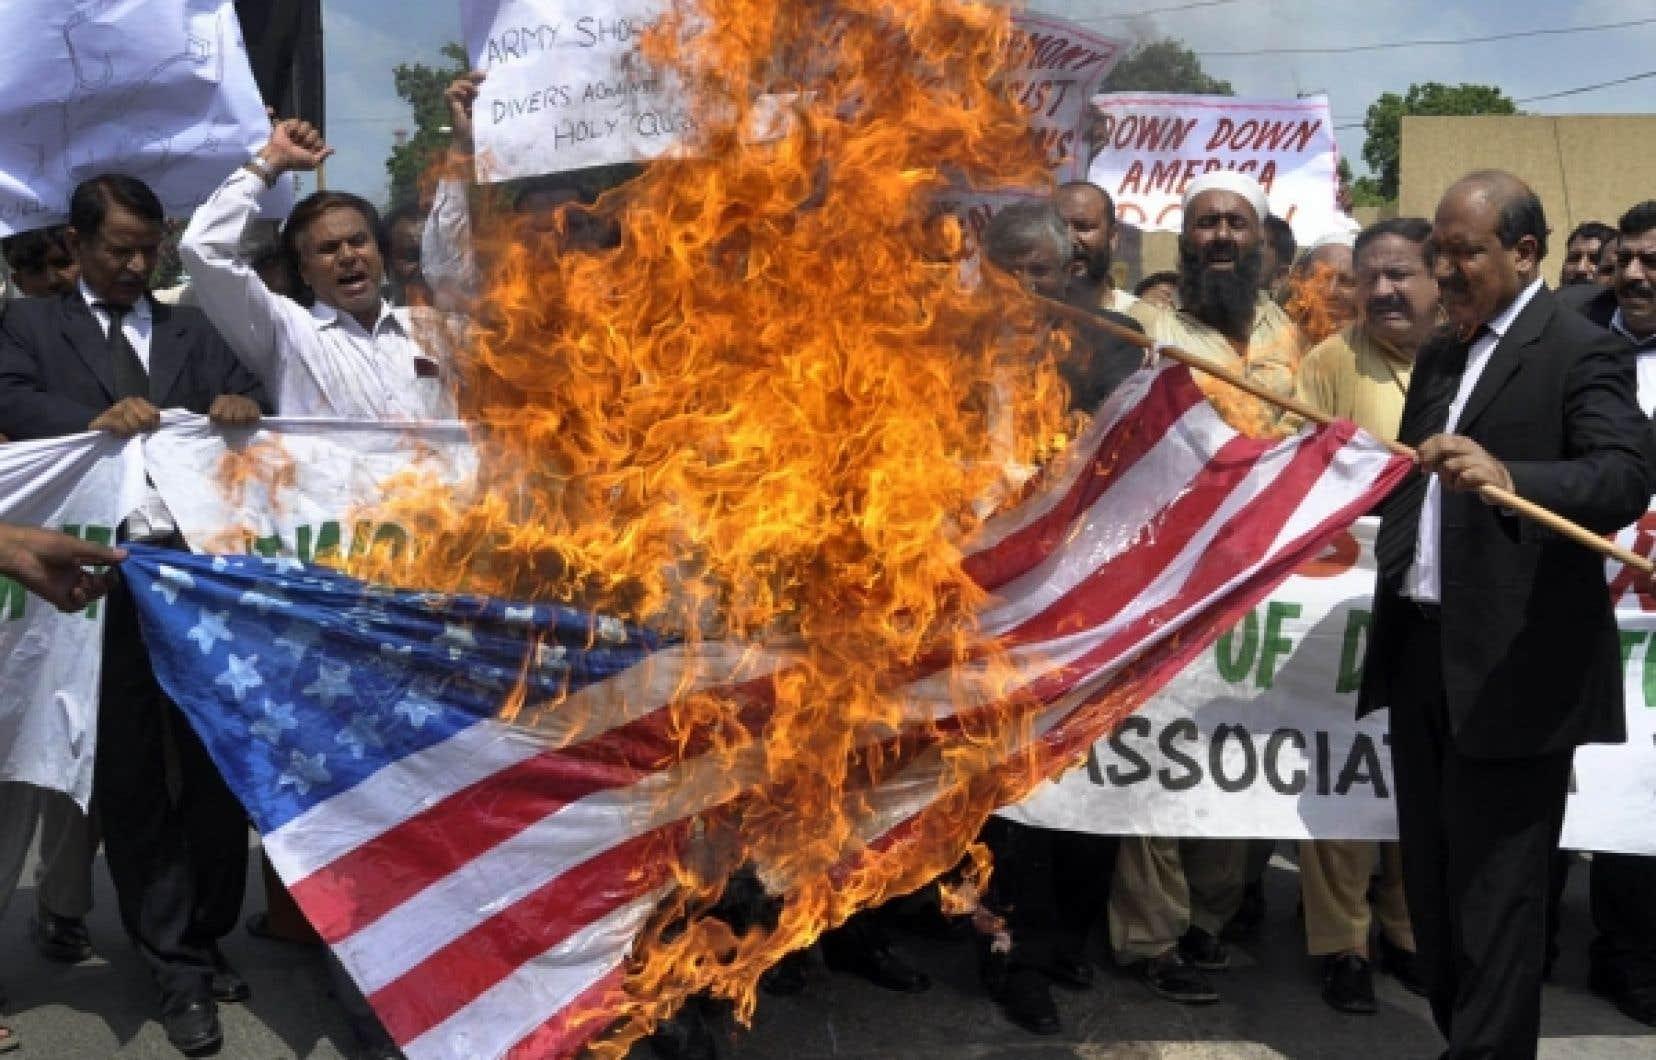 Des manifestants ont brûlé un drapeau des États-Unis hier, à Ahmedabad, en Inde.<br />